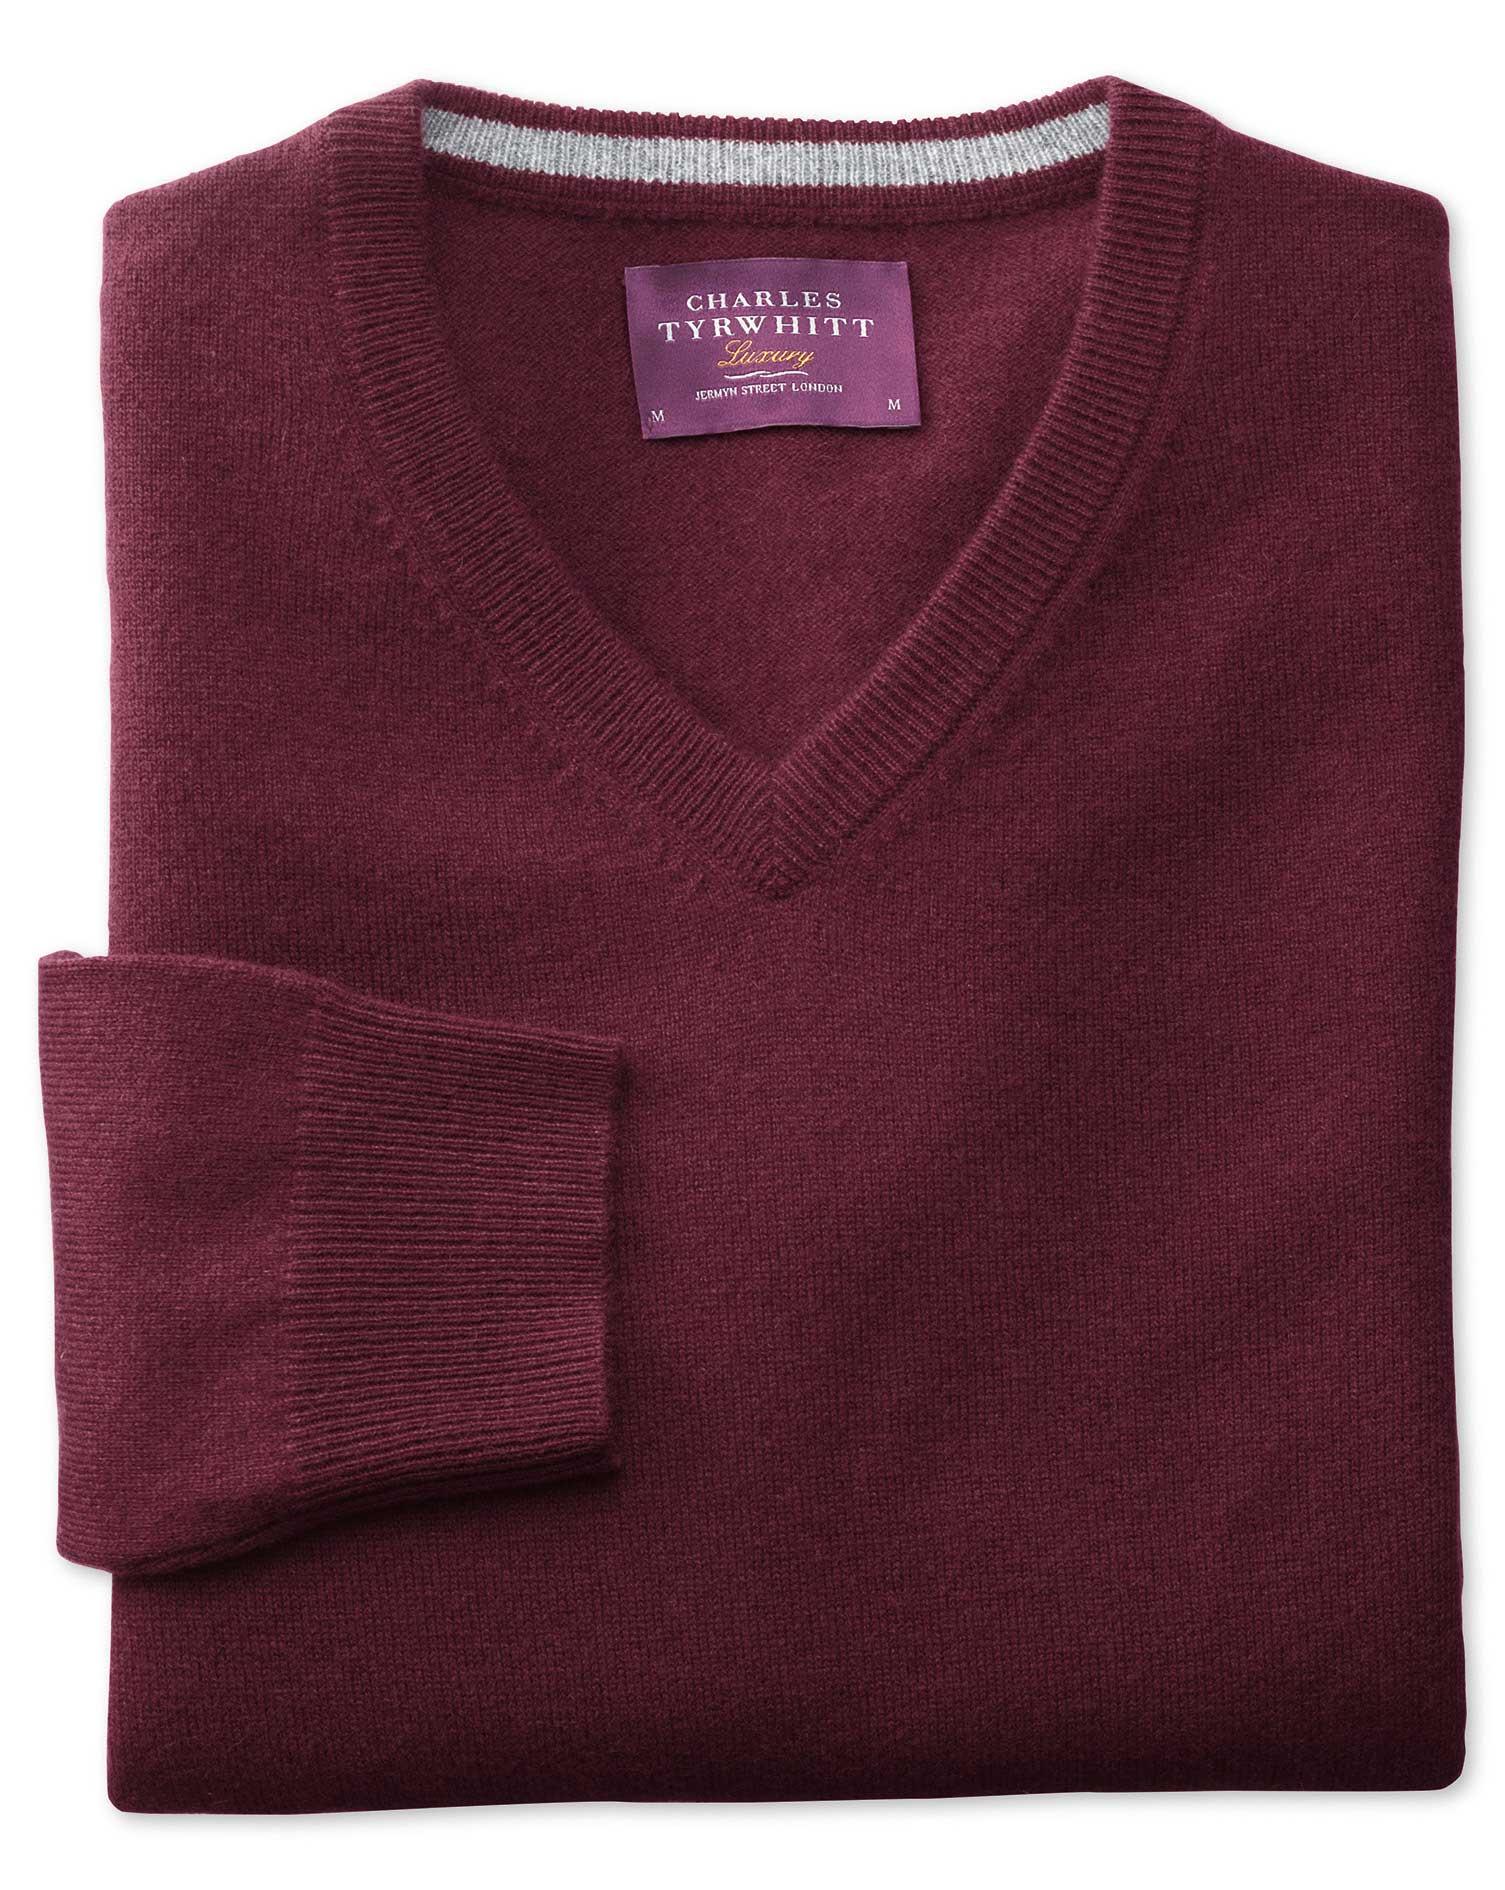 Wine cashmere v-neck sweater | Charles Tyrwhitt